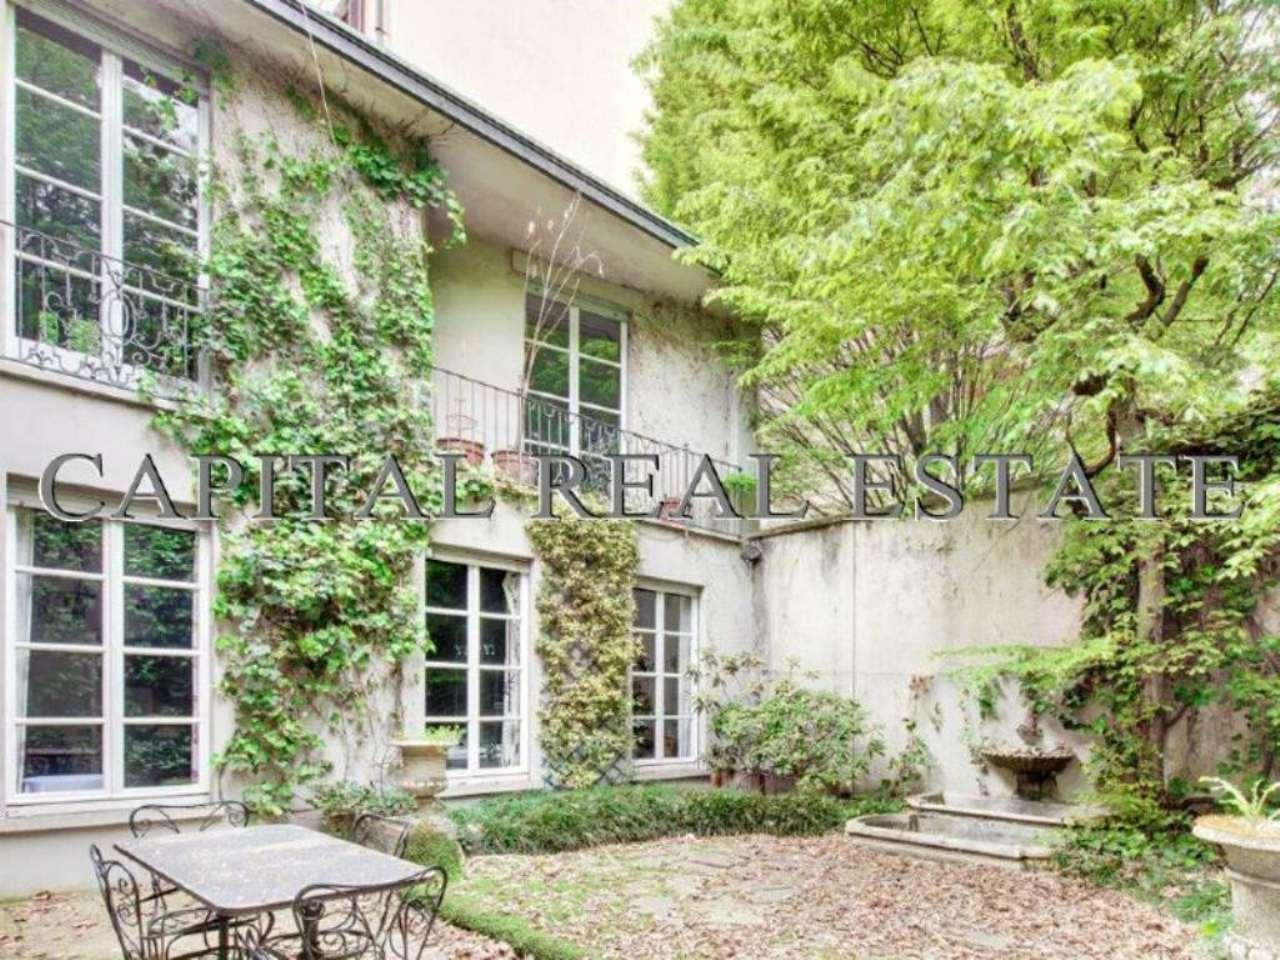 Villa milano vendita zona 1 centro storico duomo brera for Case in vendita centro storico milano